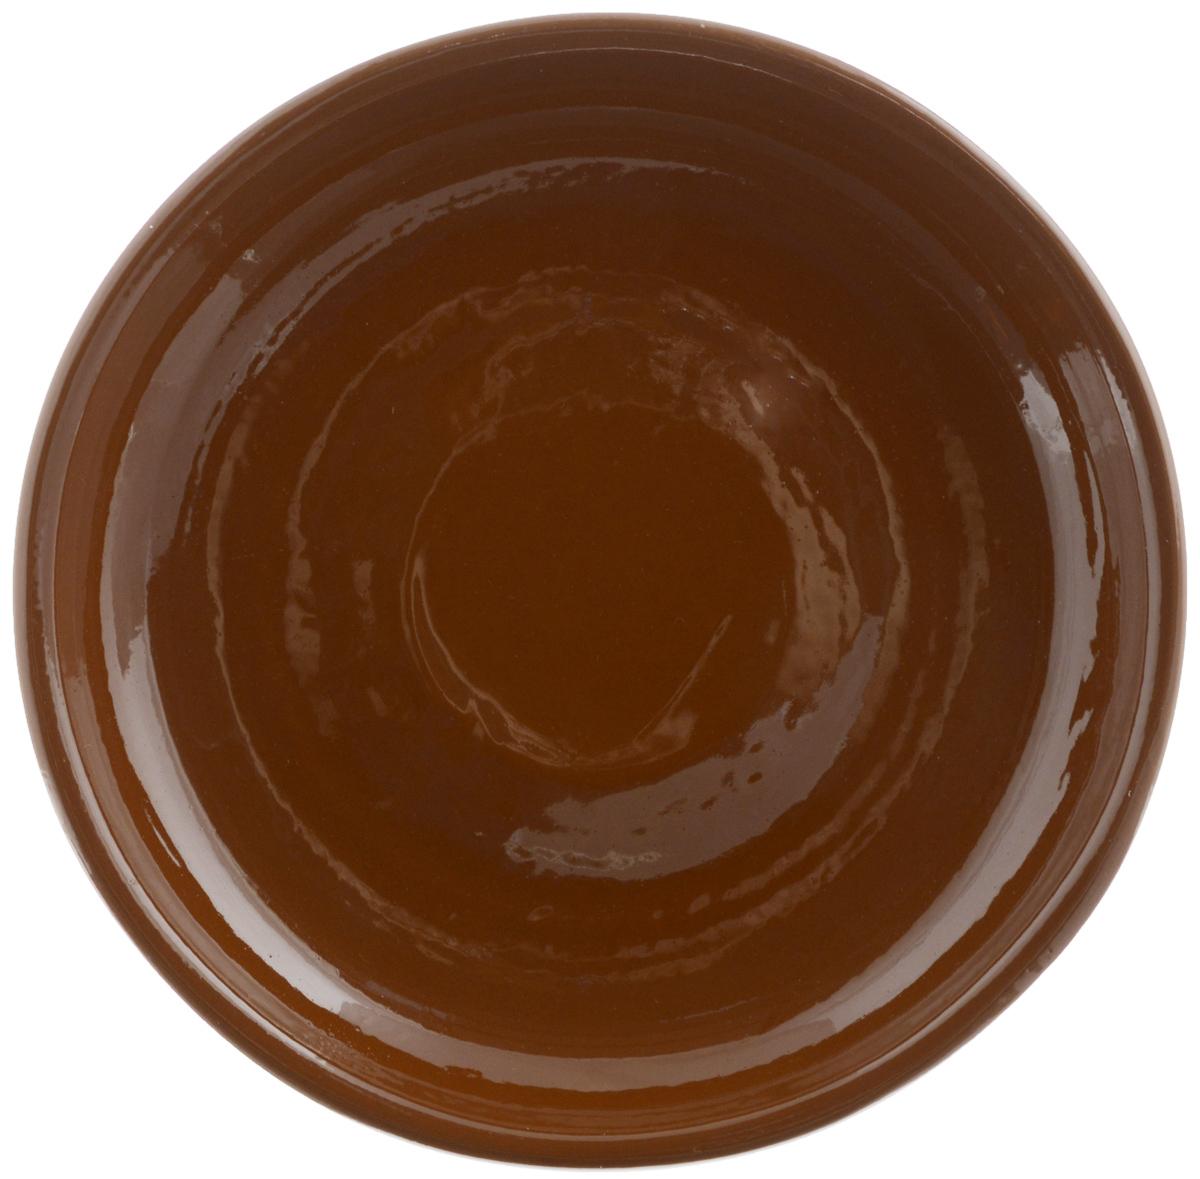 Тарелка Борисовская керамика Радуга, цвет: коричневый, диаметр 18 смРАД00000458_коричневыйТарелка Борисовская керамика Радуга выполнена из высококачественной керамики. Изделие идеально подойдет для сервировки стола и станет отличным подарком к любому празднику. Можно использовать в духовке и микроволновой печи.